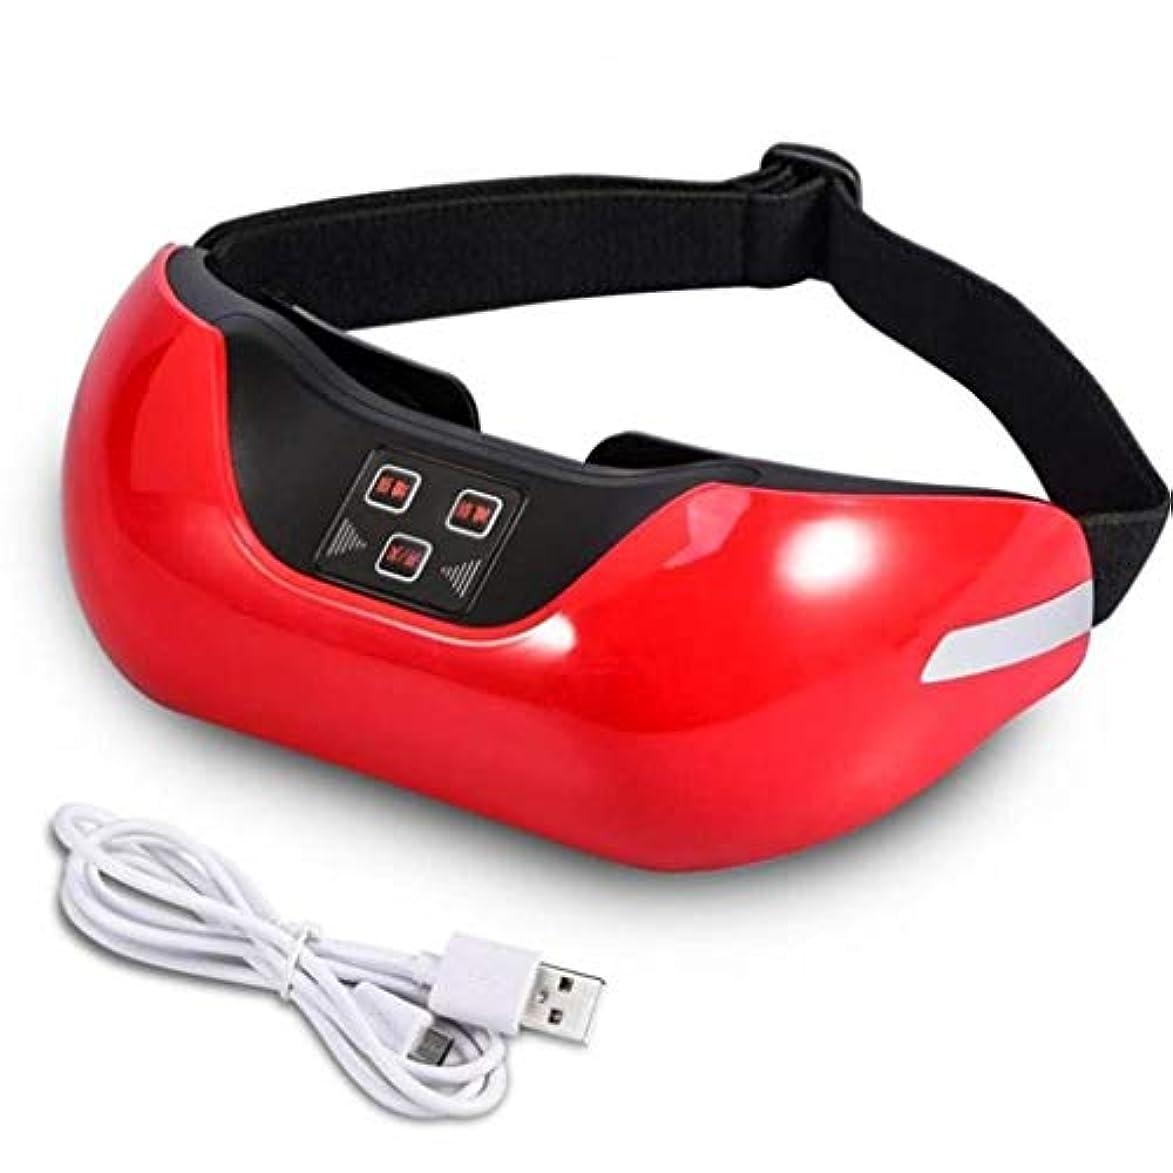 ステップレイプ早くアイマッサージャー、ワイヤレス3D充電式グリーンアイリカバリービジョン電動マッサージャー、修復ビジョンマッサージャー、アイケアツールは血液循環を促進し、疲労を和らげます (Color : Red)